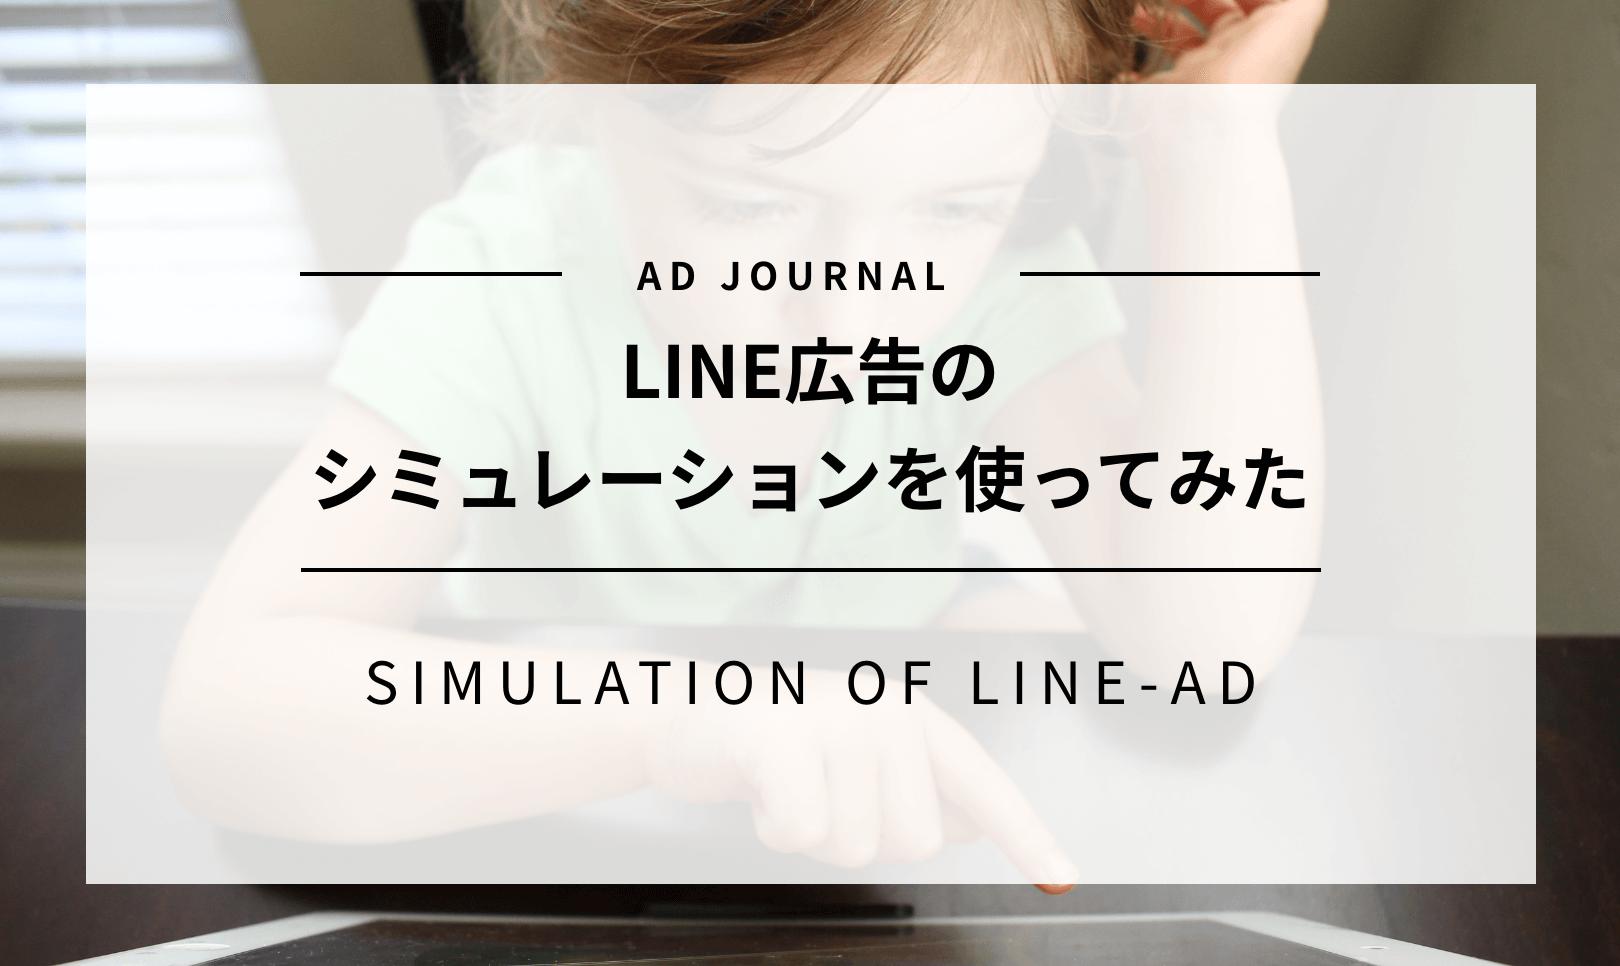 LINE広告のシミュレーション機能を使ってみた